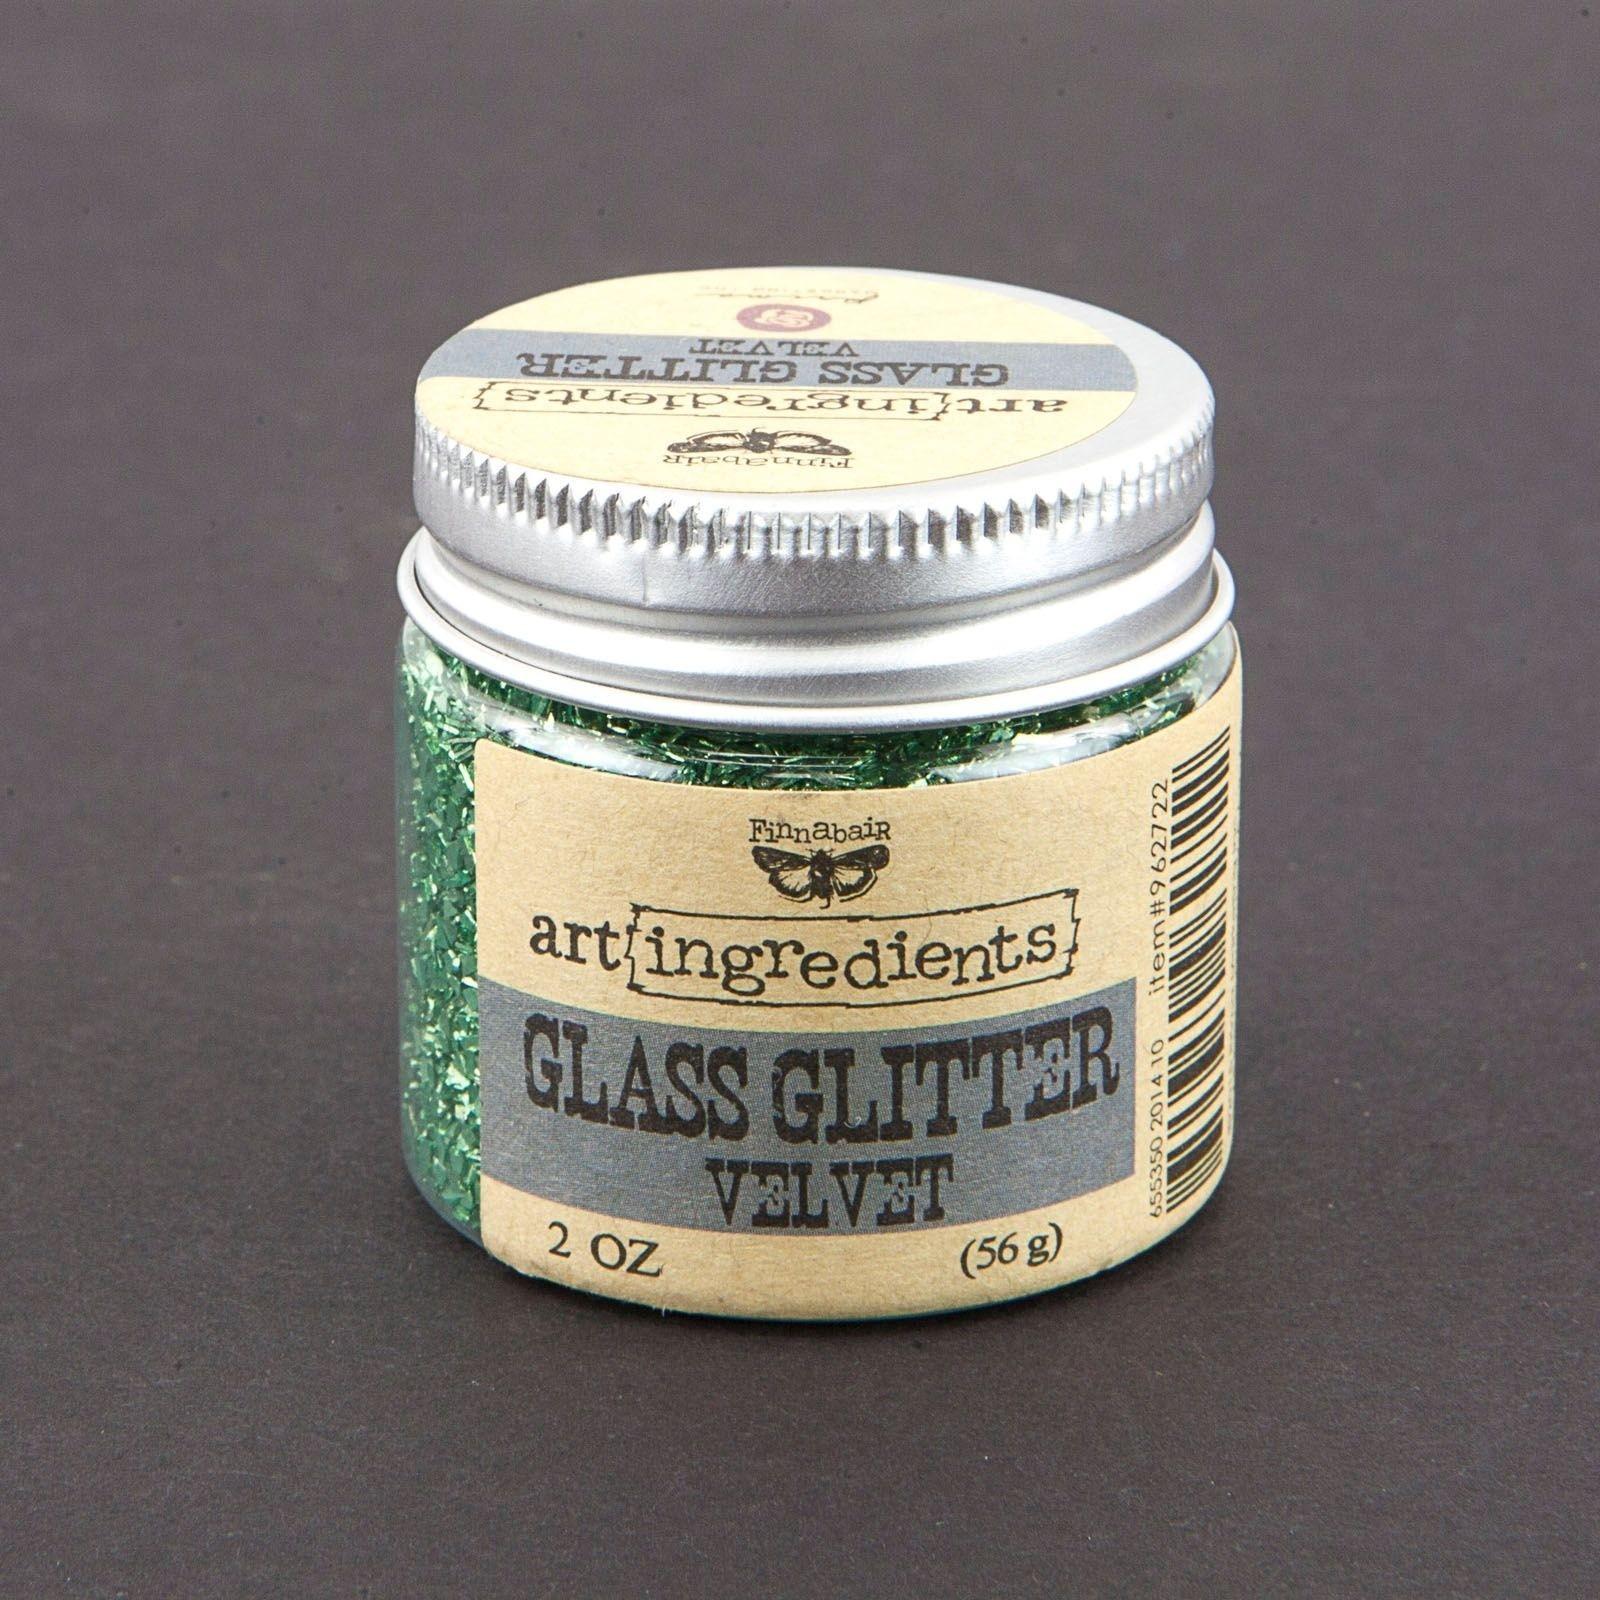 Finnabair - Art ingredients glass glitter velvet